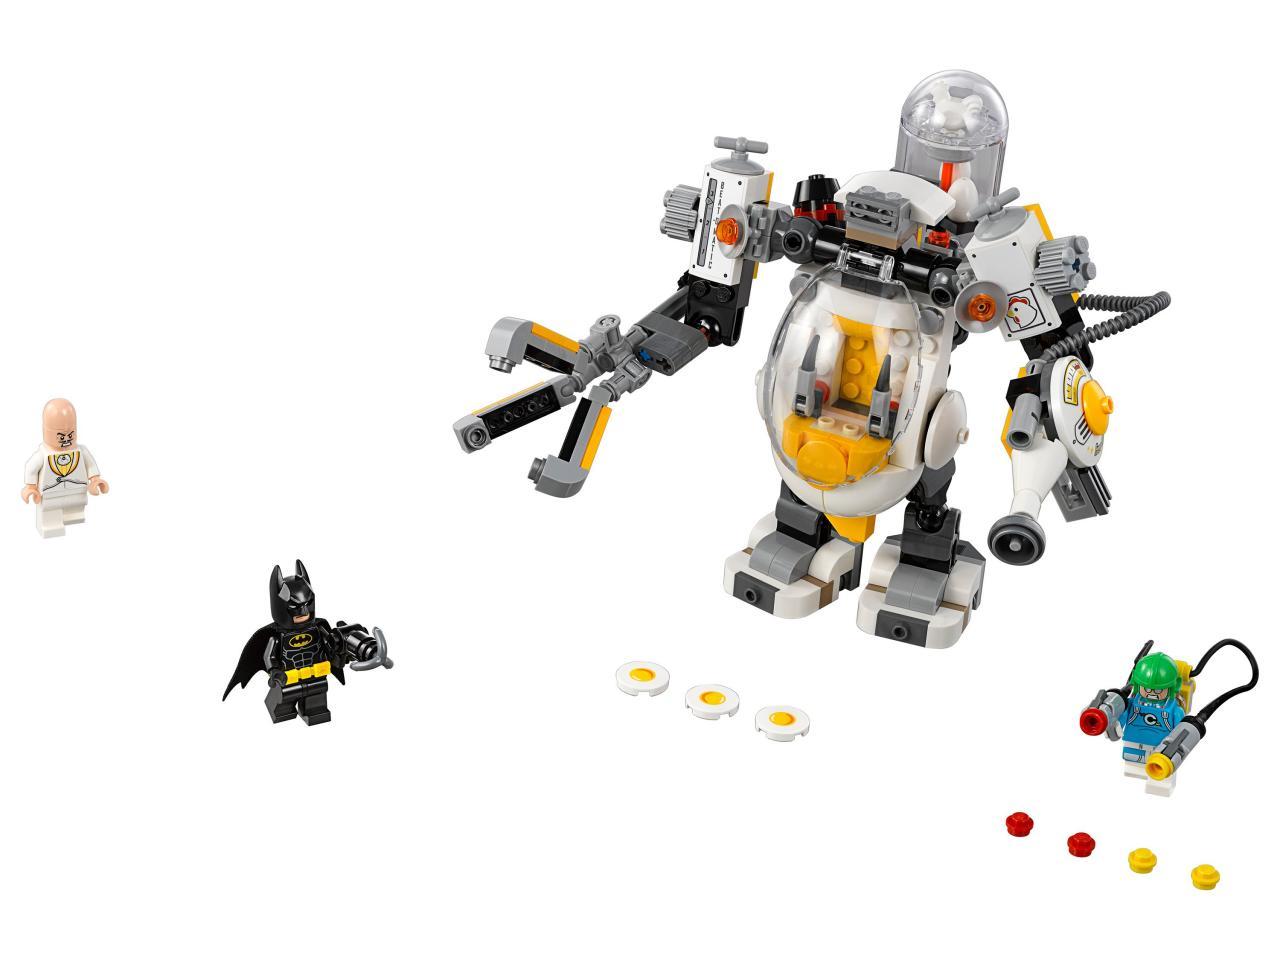 Купить Конструктор LEGO 70920 Batman Movie Бой с роботом Яйцеголового, пластик, Для мальчиков и девочек, Чехия, Конструкторы